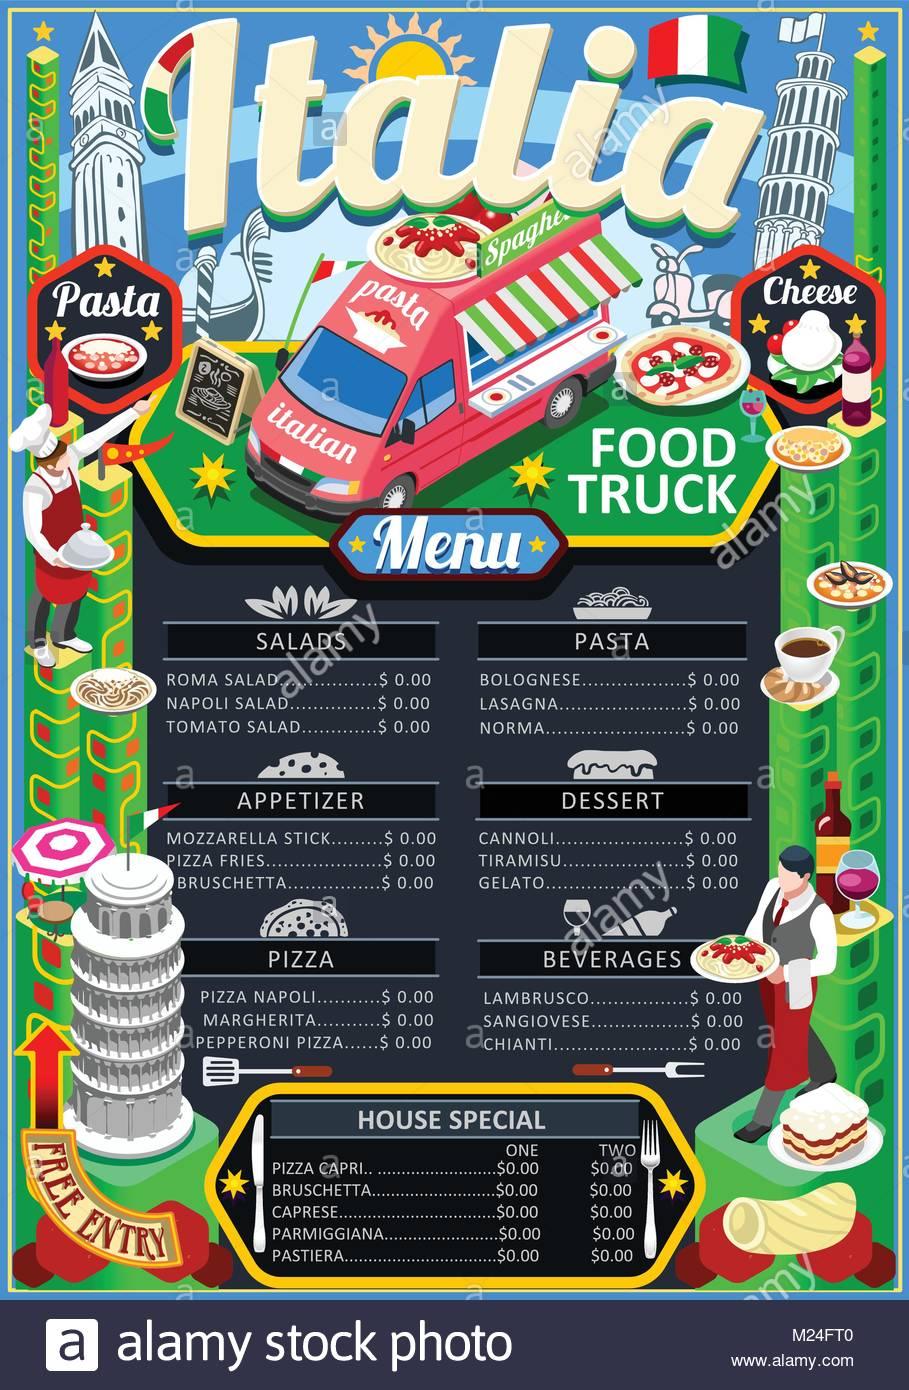 fast food truck festival italian pizza or pasta menu brochure street